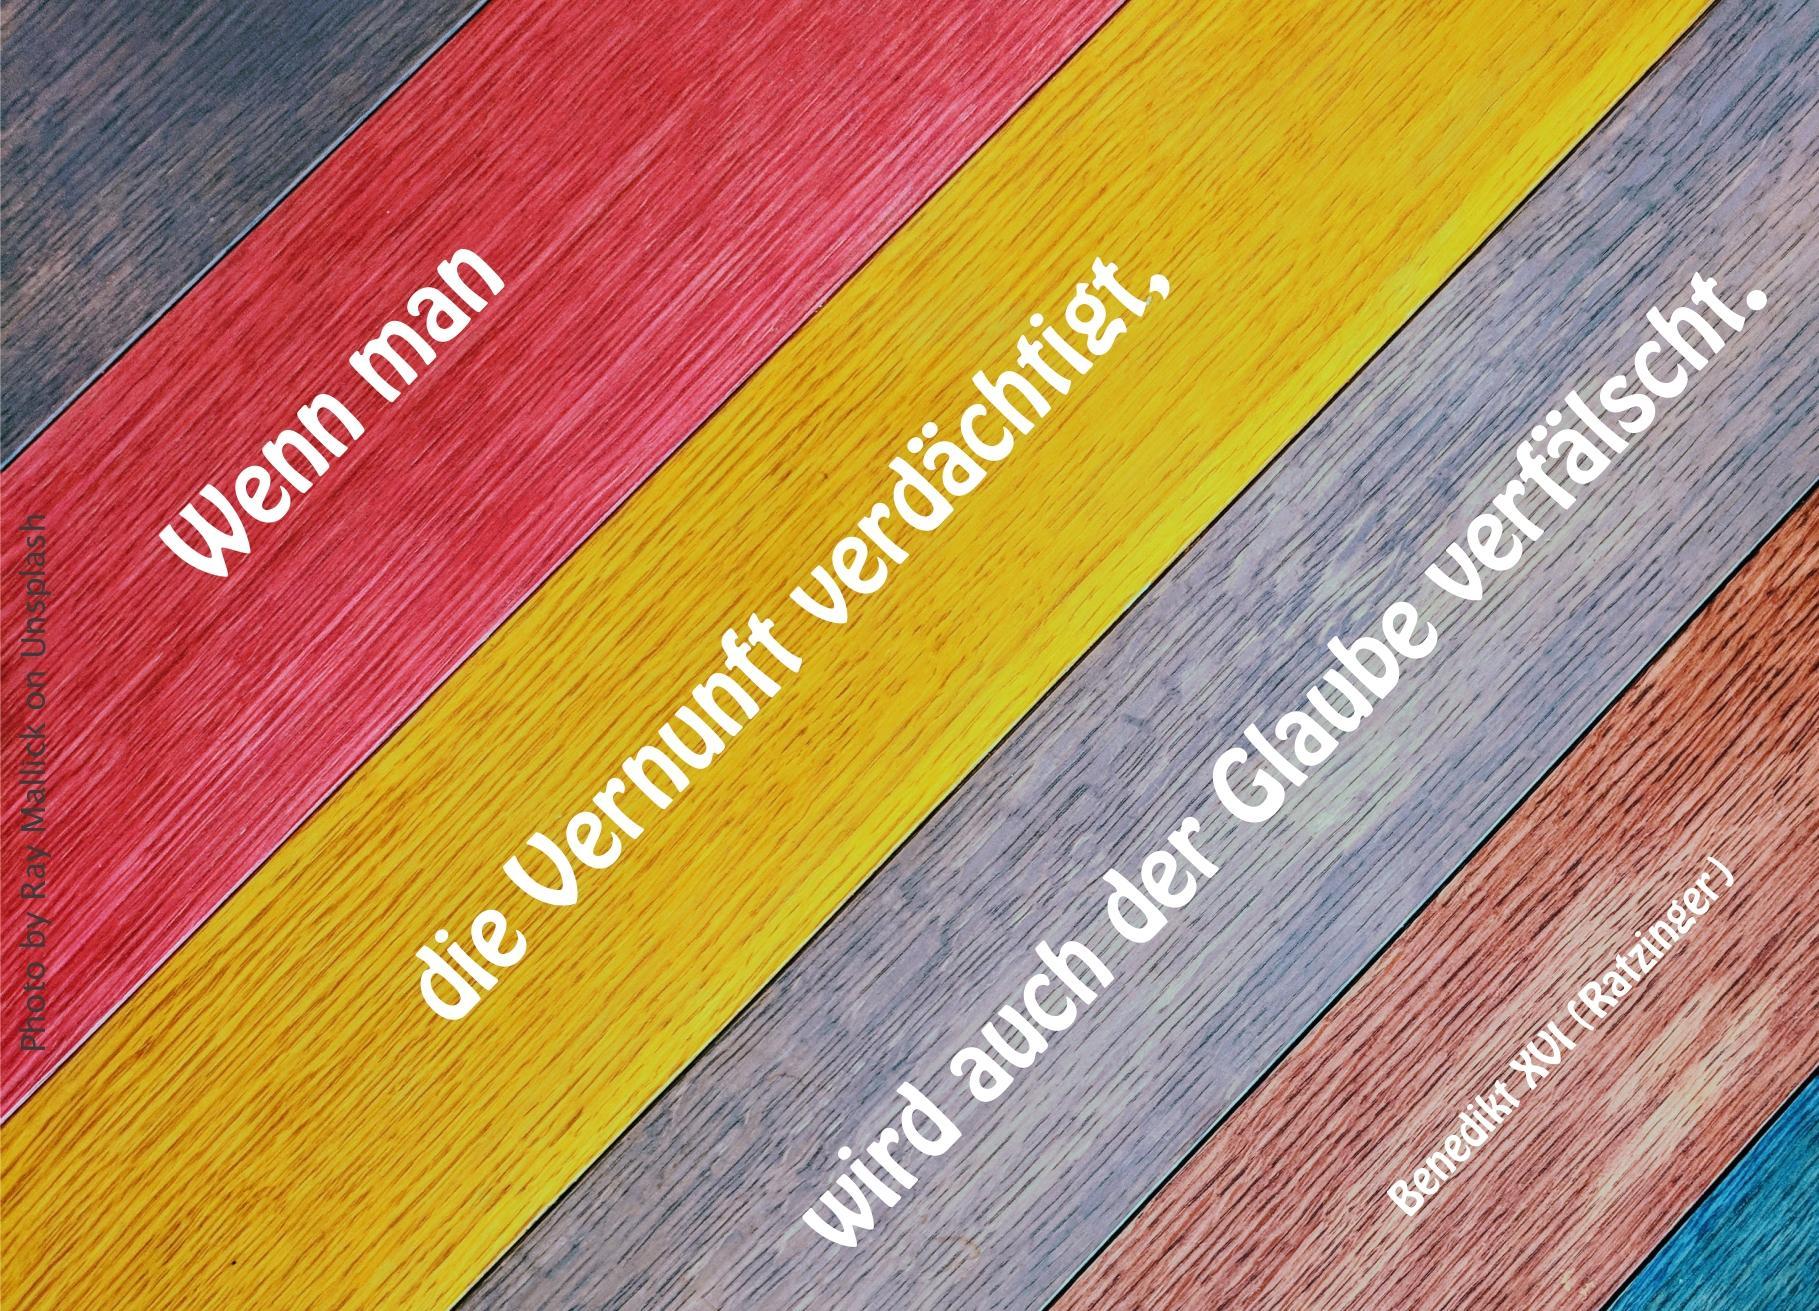 6 Farben schräg von links nach rechts: schwarz, Rot, Gelb,Grau, Braun,Blau